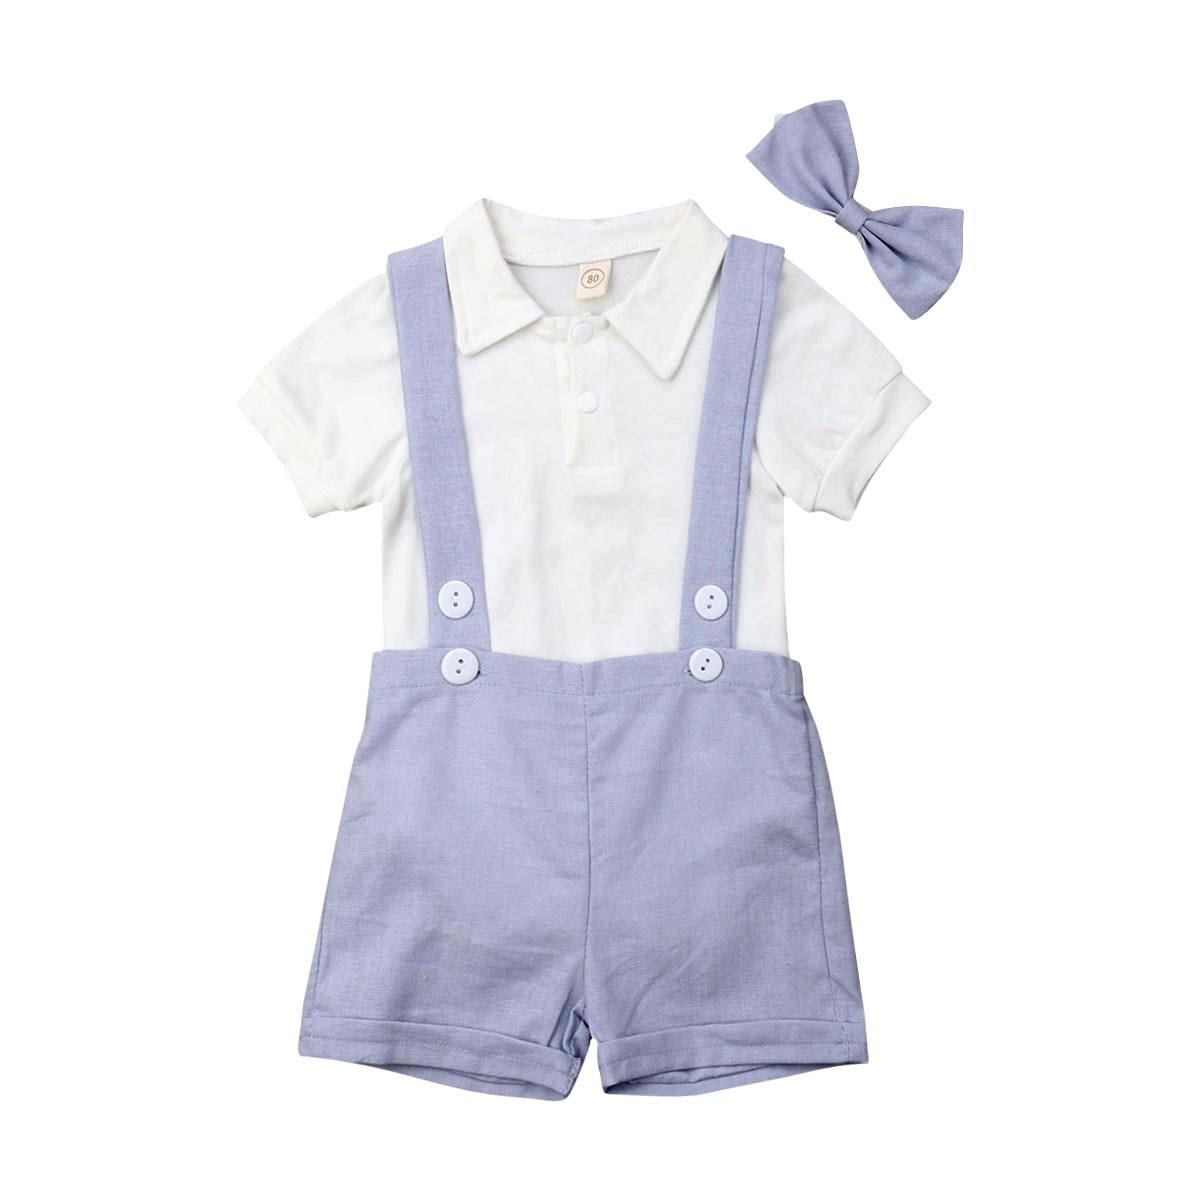 0-24 M Baby Jungen Gentleman Kleidung Sommer Kurzarm Shirt Romper + Bib Hosen Outfit Eine GroßE Auswahl An Farben Und Designs